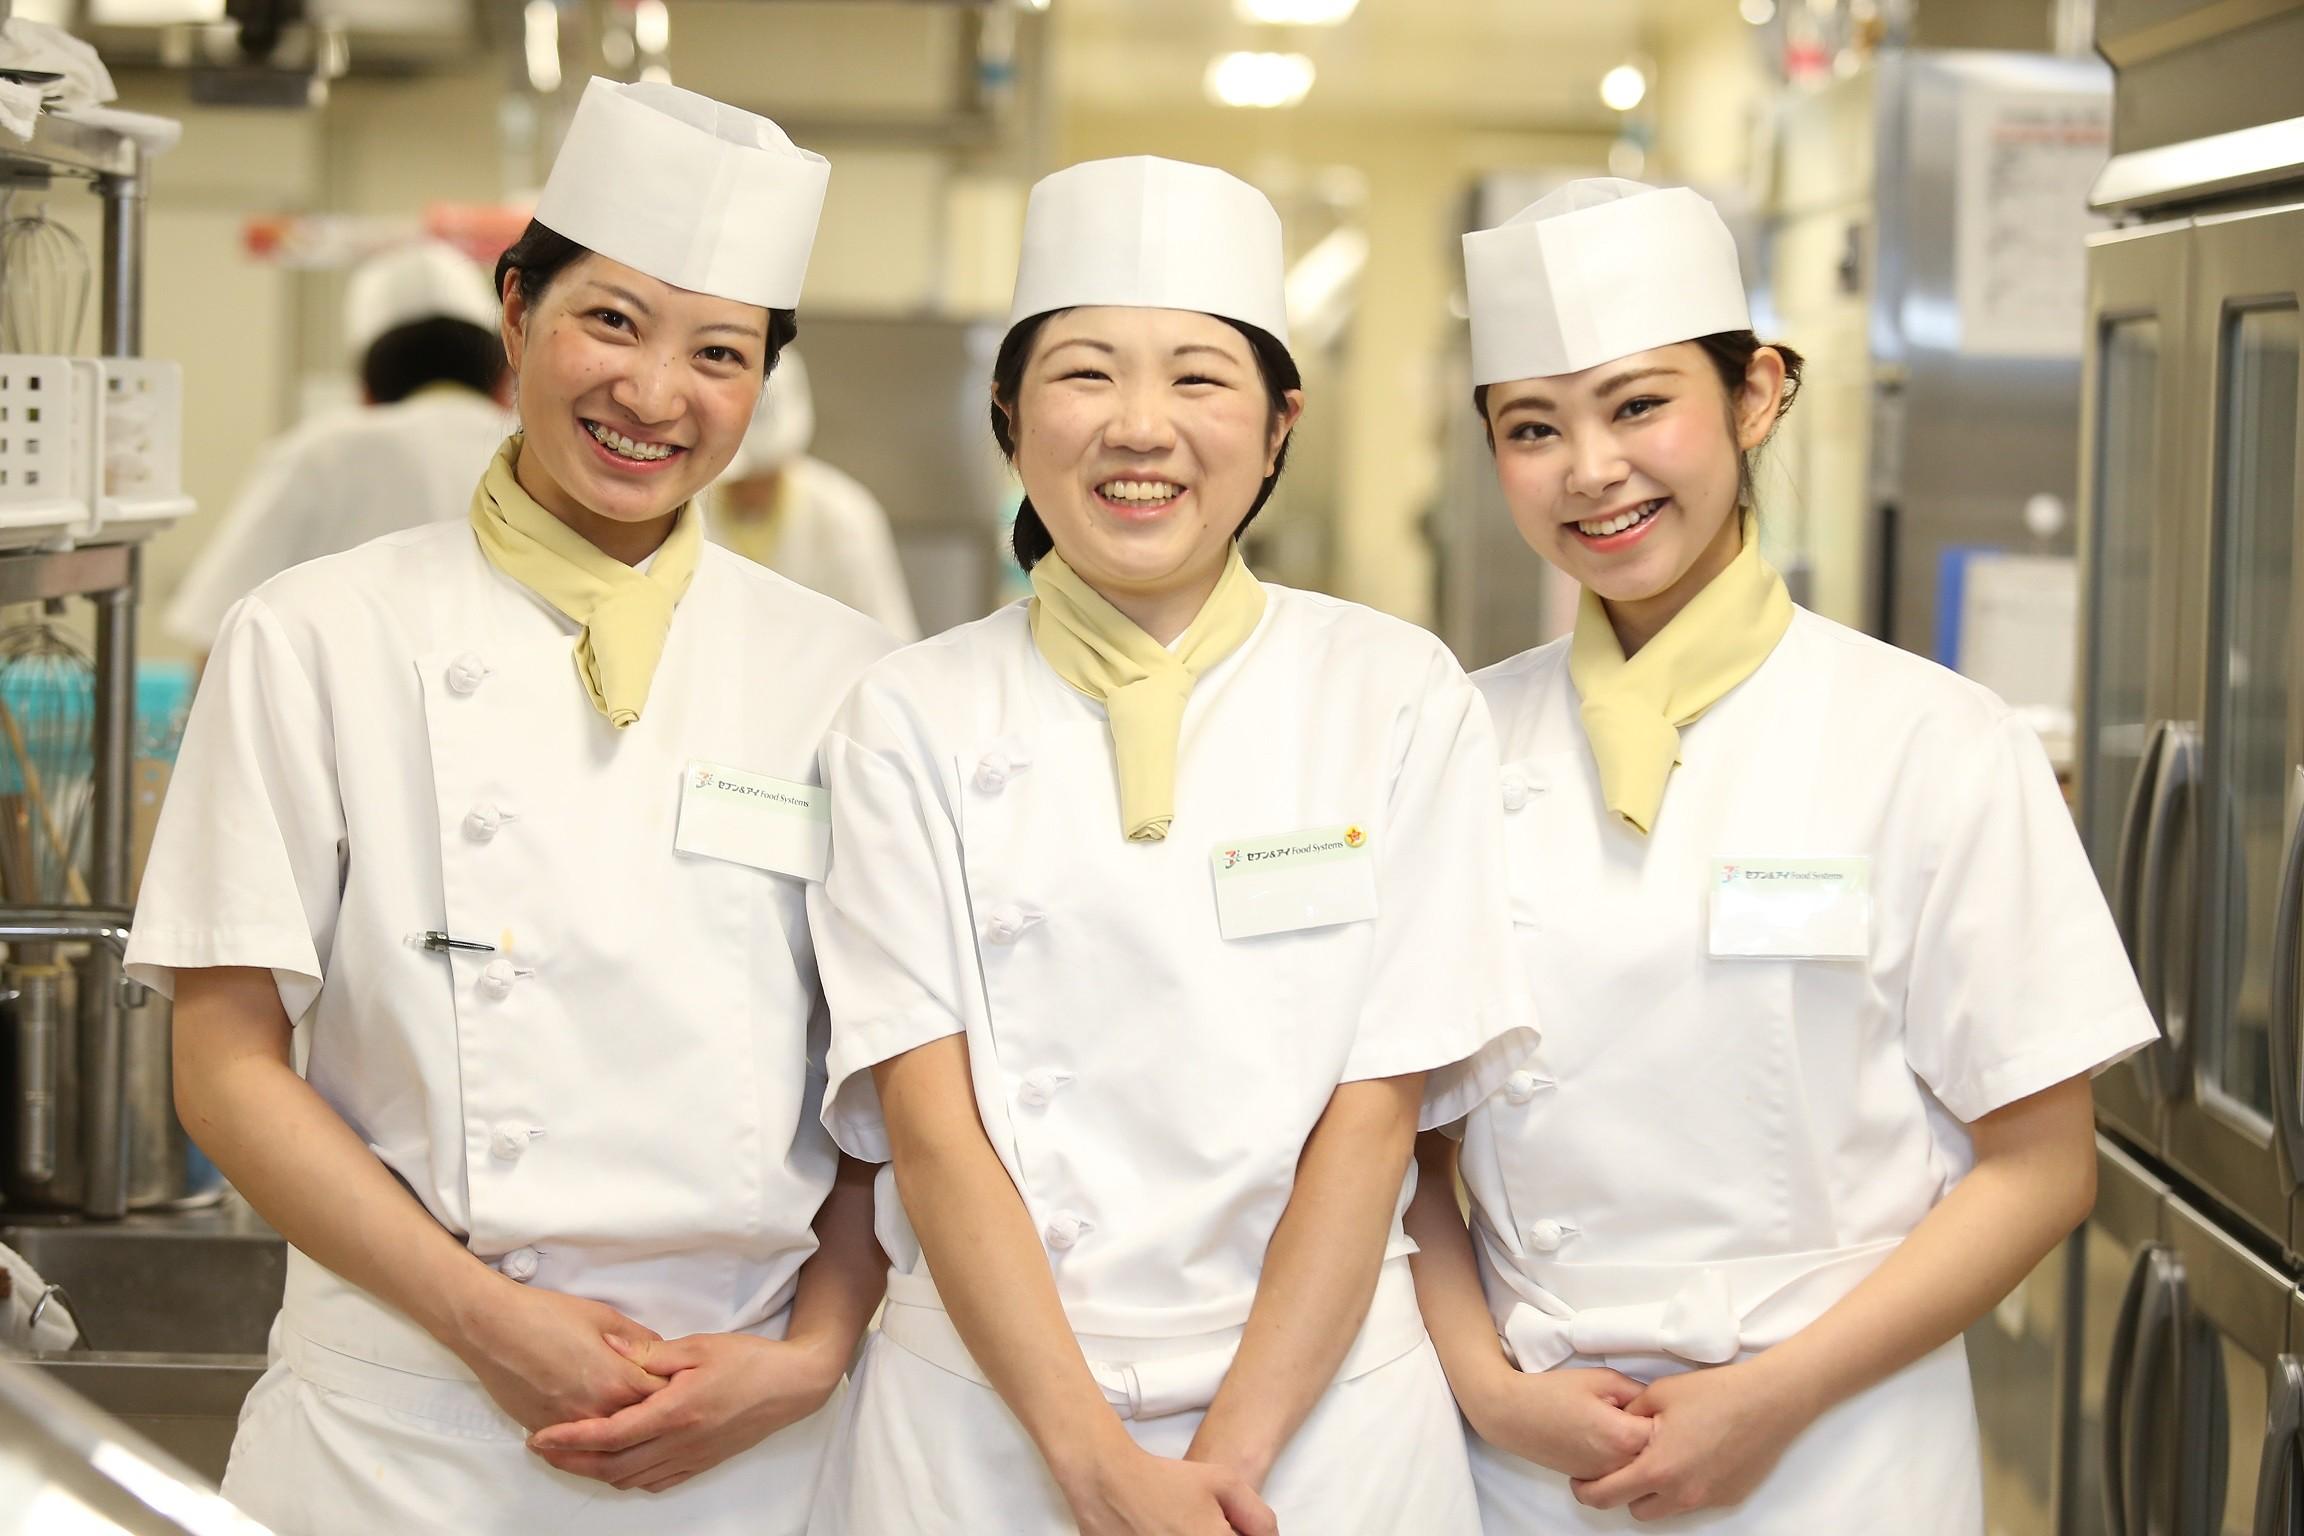 済生会中央病院 社員食堂 のアルバイト情報